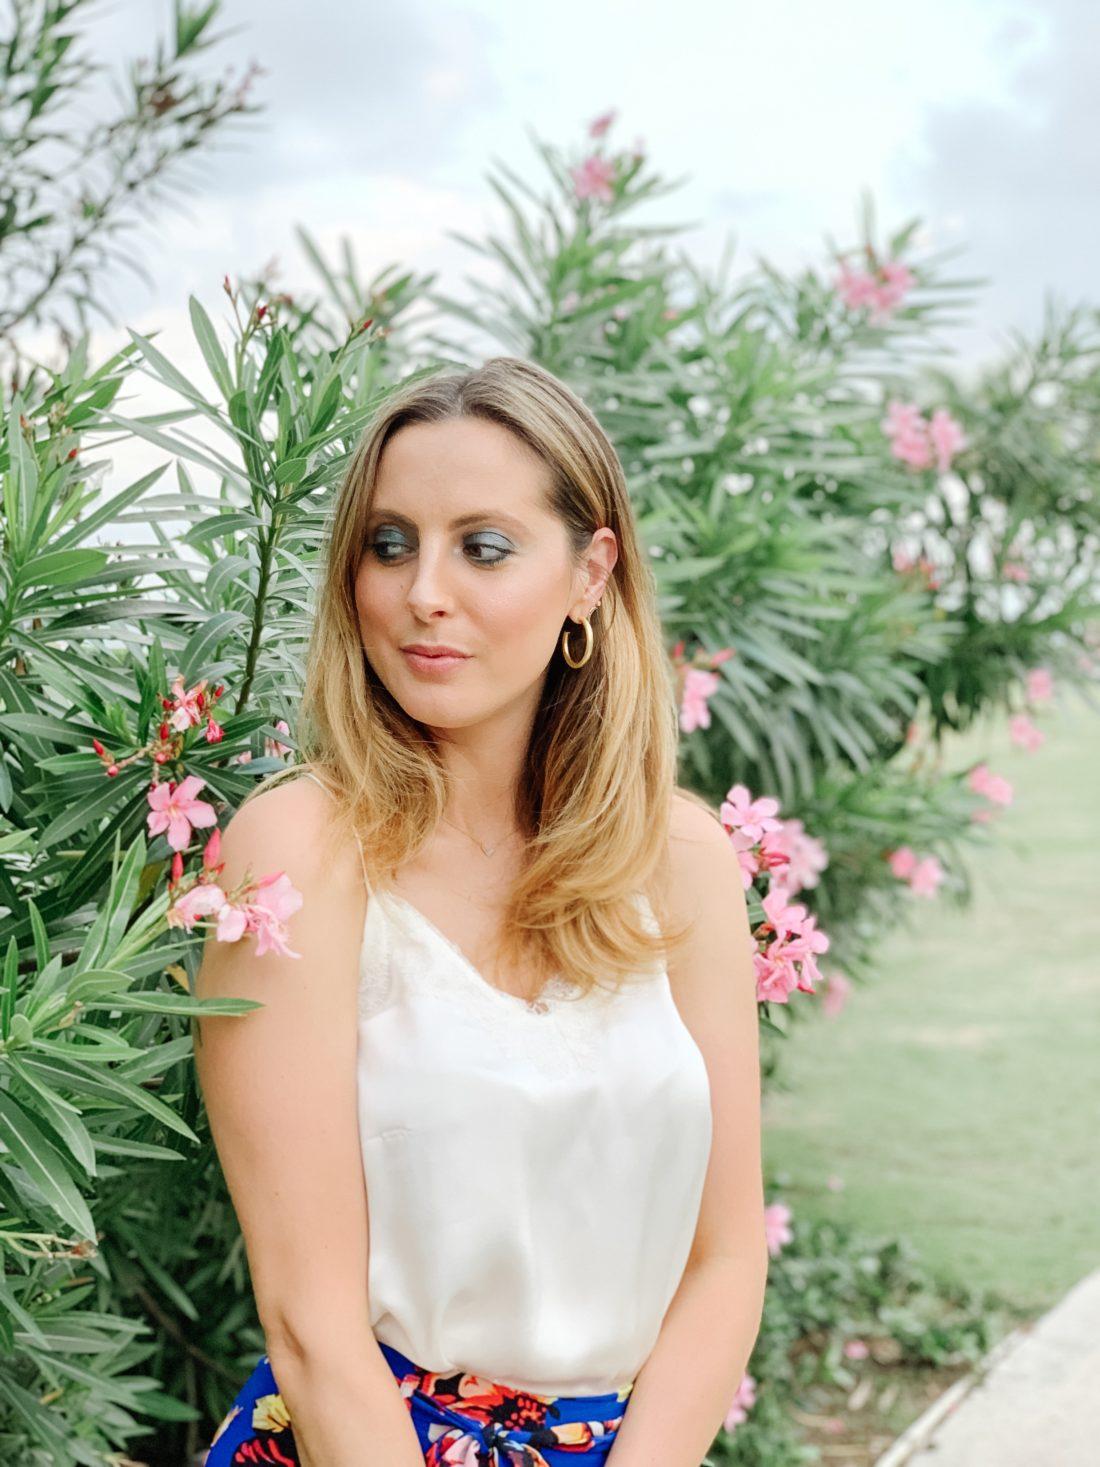 Eva Amurri Martino of Happily Eva After shares some photos from her family trip to Jamaica